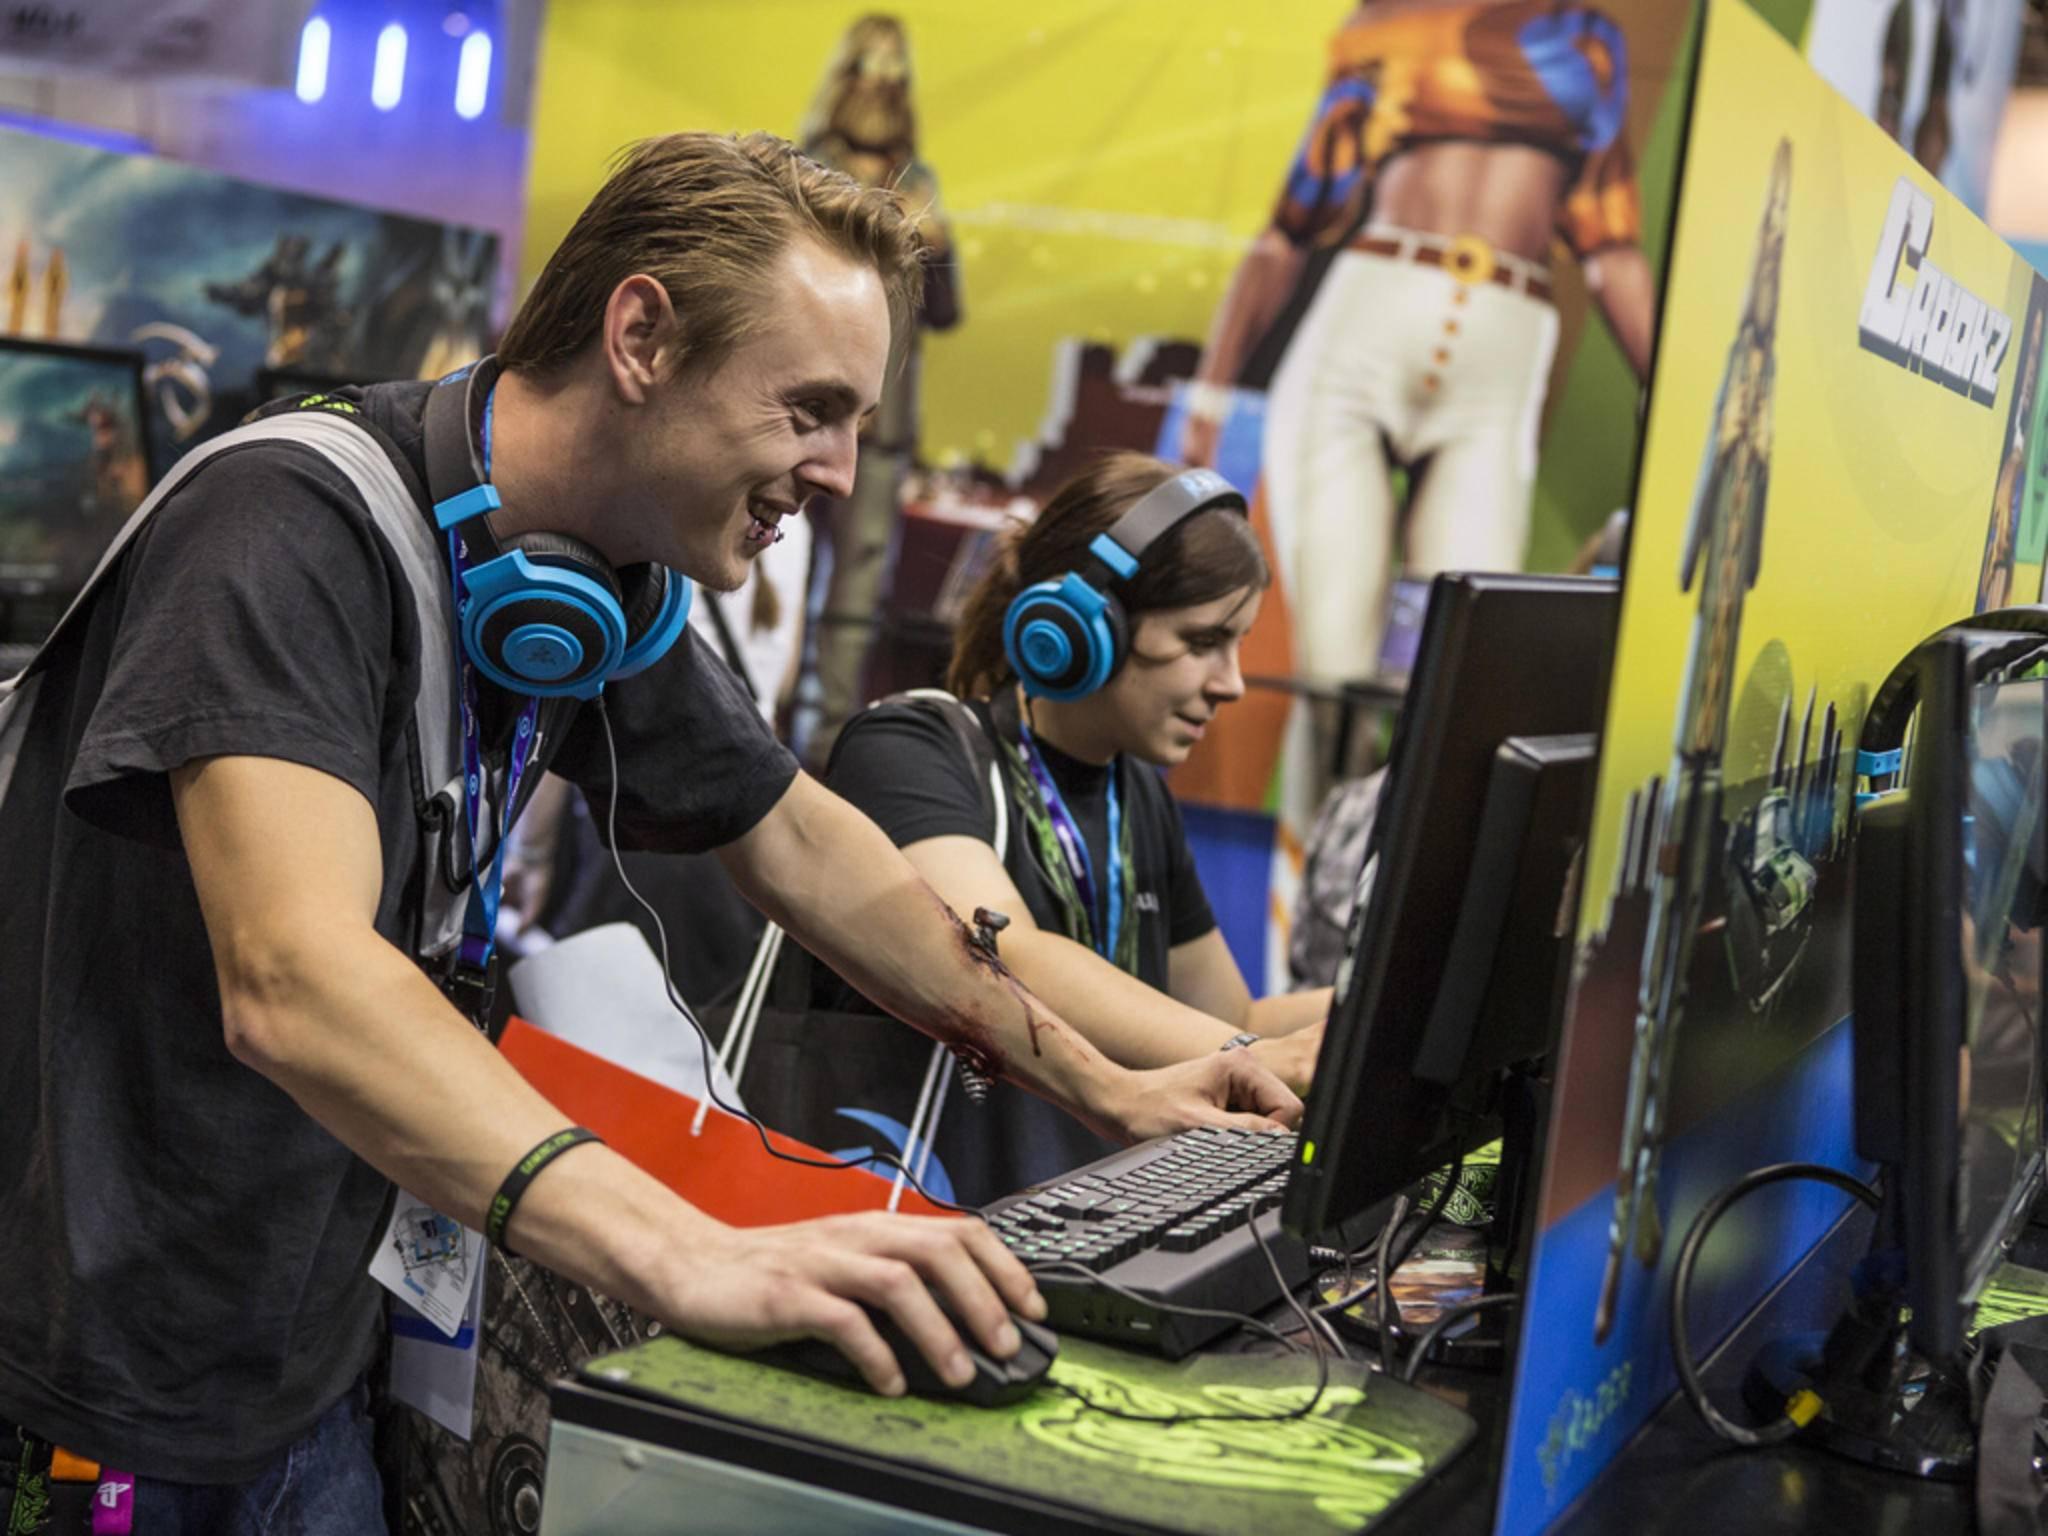 Die Gamescom 2015 läuft noch bis Sonntag, 18 Uhr.